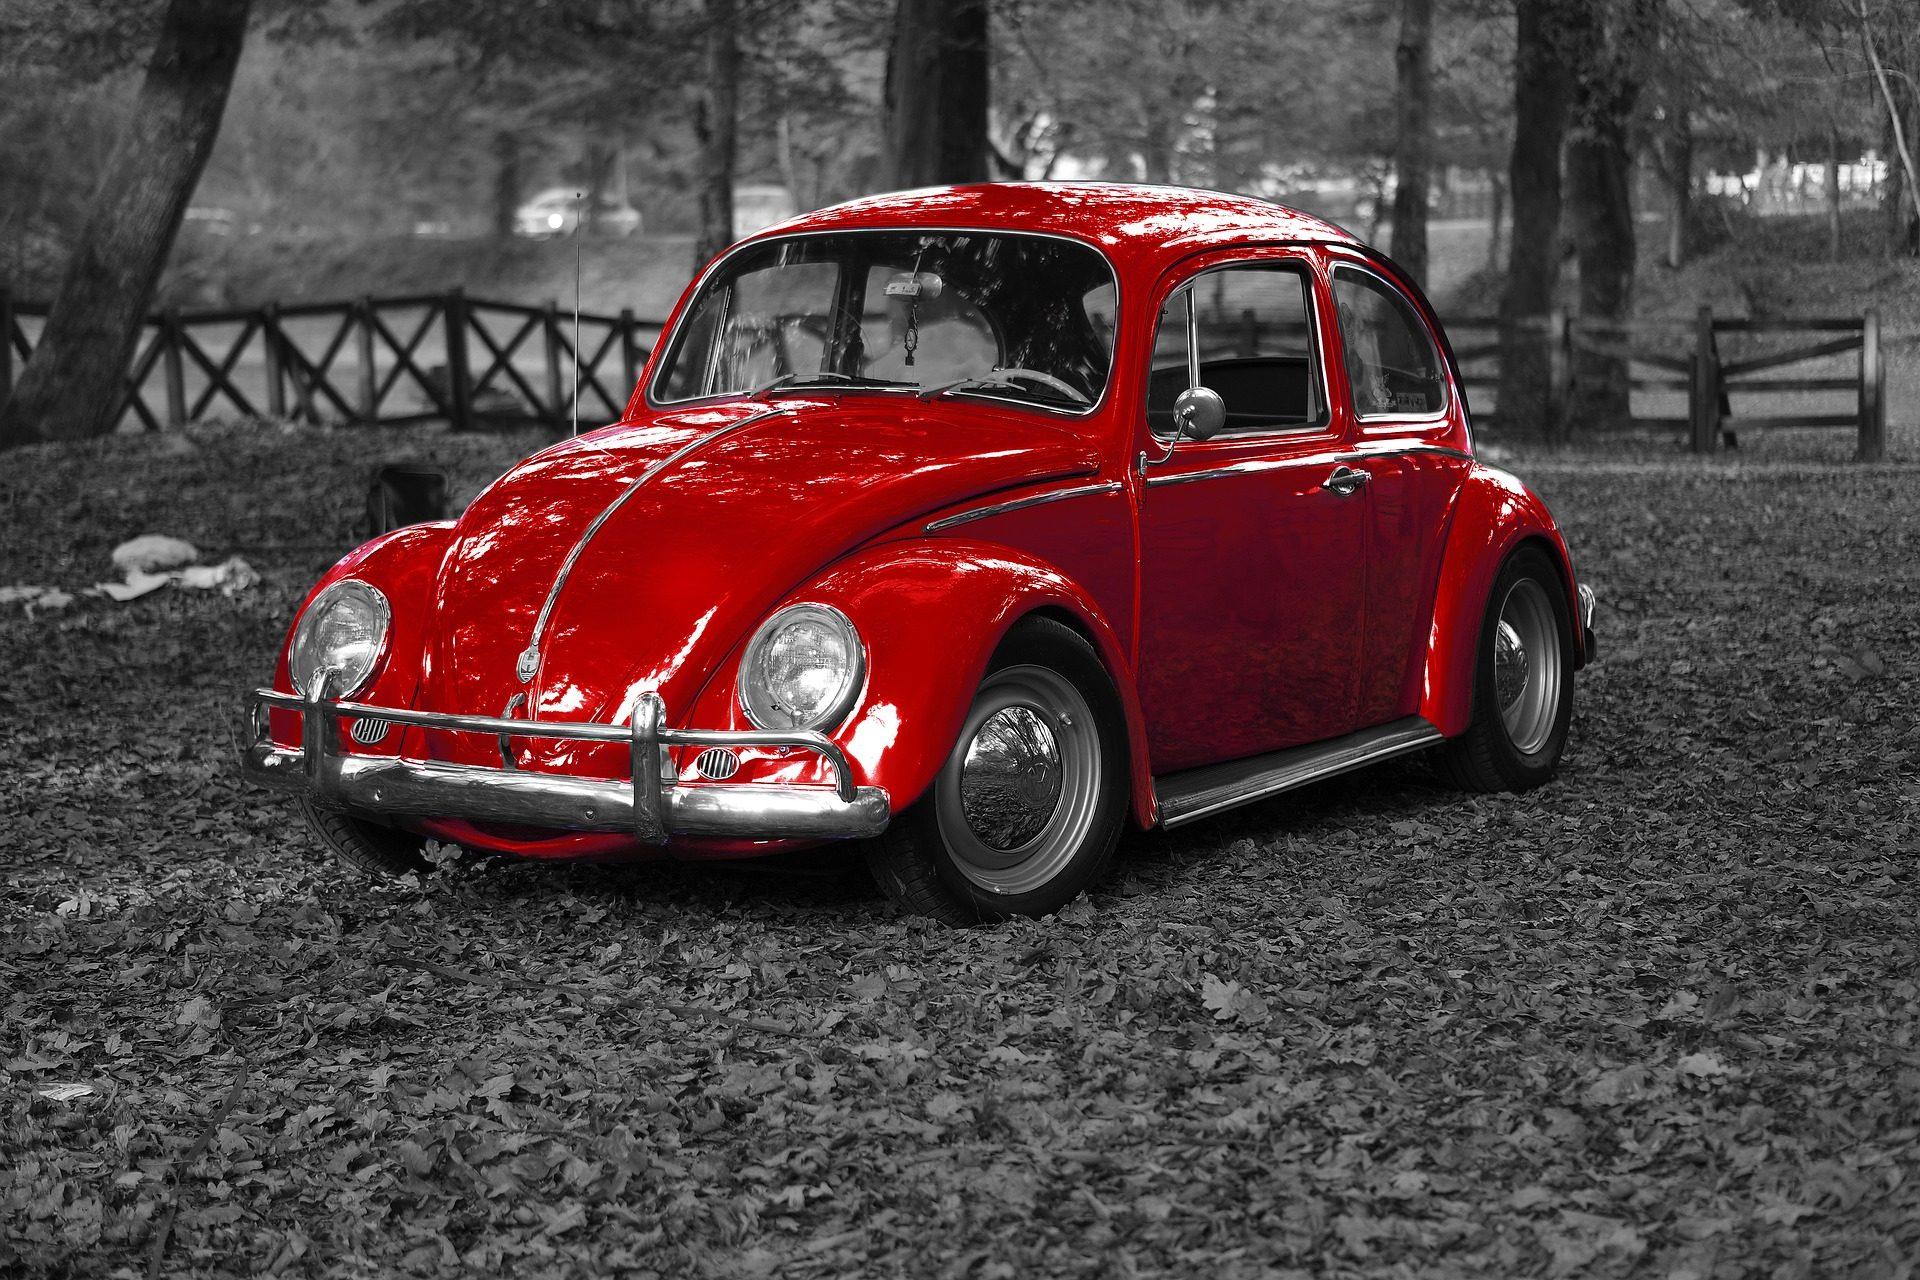 αυτοκίνητο, σκαθάρι, παλιάς χρονολογίας, Επαναφορά, σε μαύρο και άσπρο, Κόκκινο - Wallpapers HD - Professor-falken.com